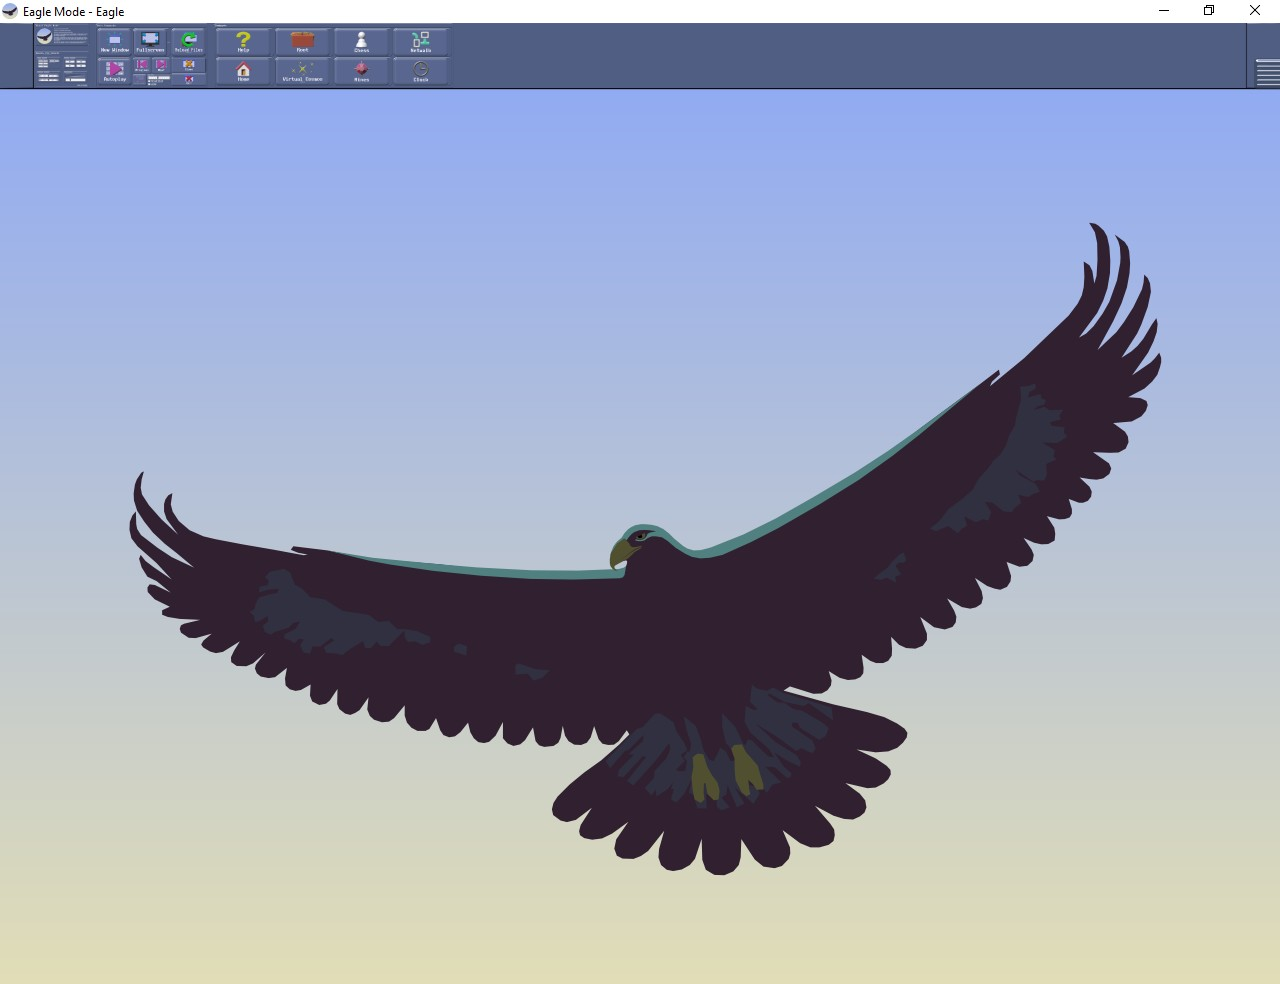 Figura 1: la videata principale di Eagle Mode